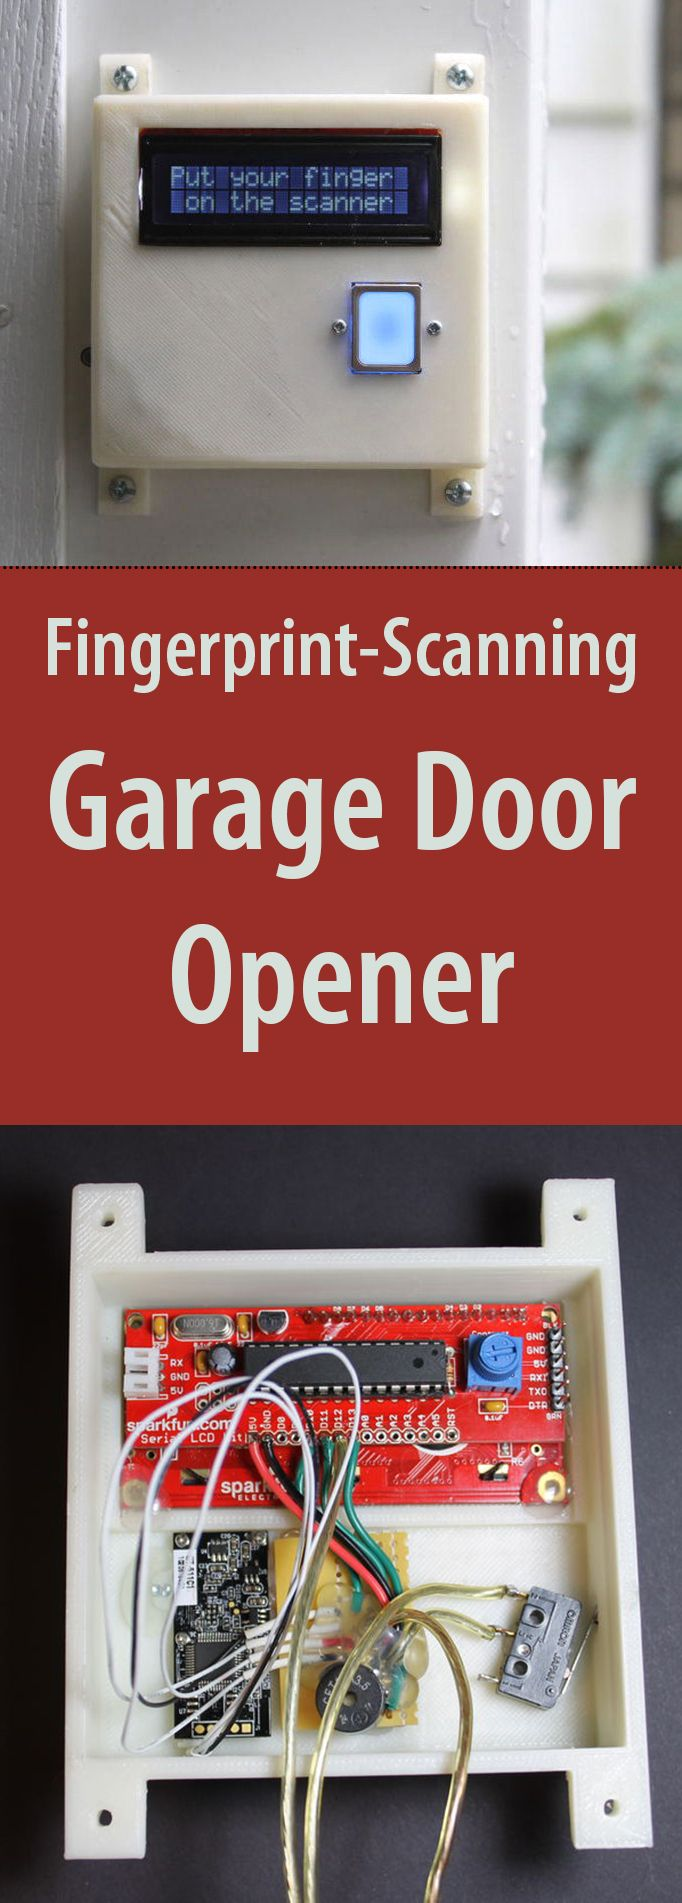 Diy Fingerprint Scanning Garage Door Opener Electronics